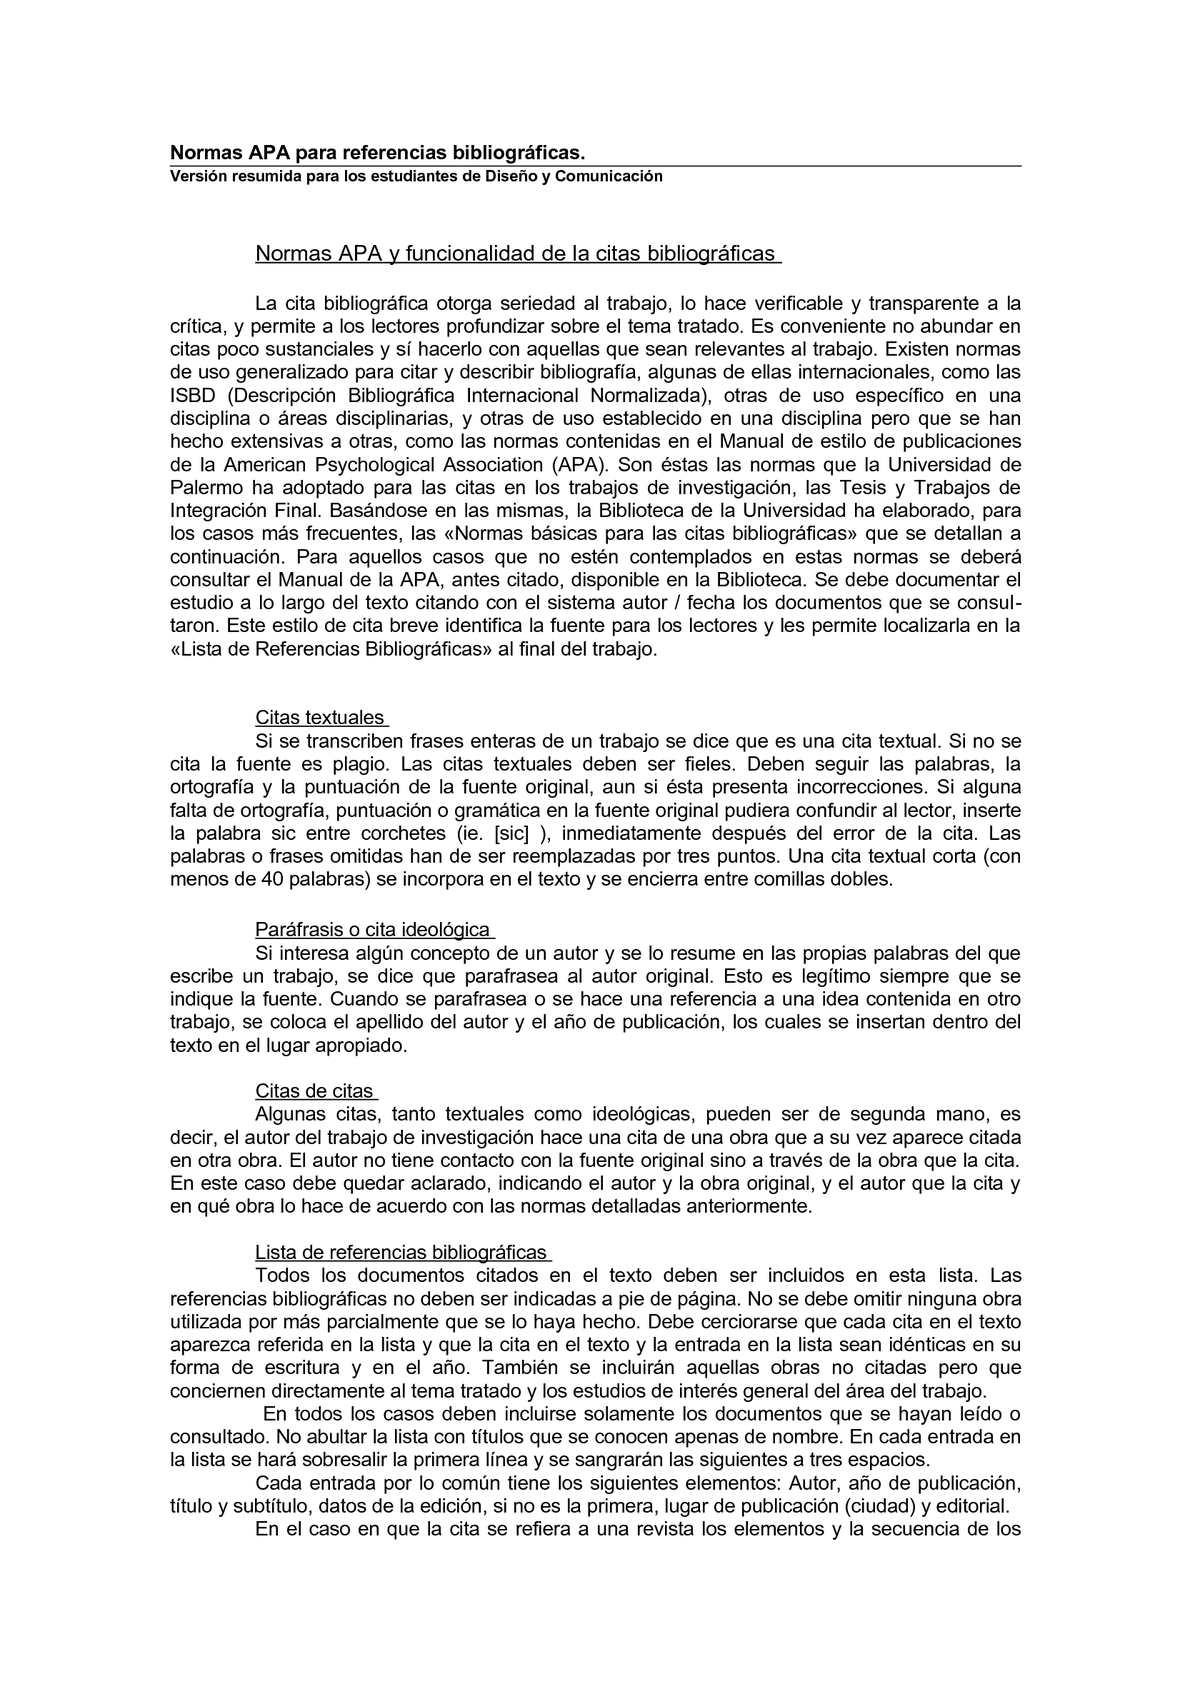 Calaméo - Usos de la referencia APA